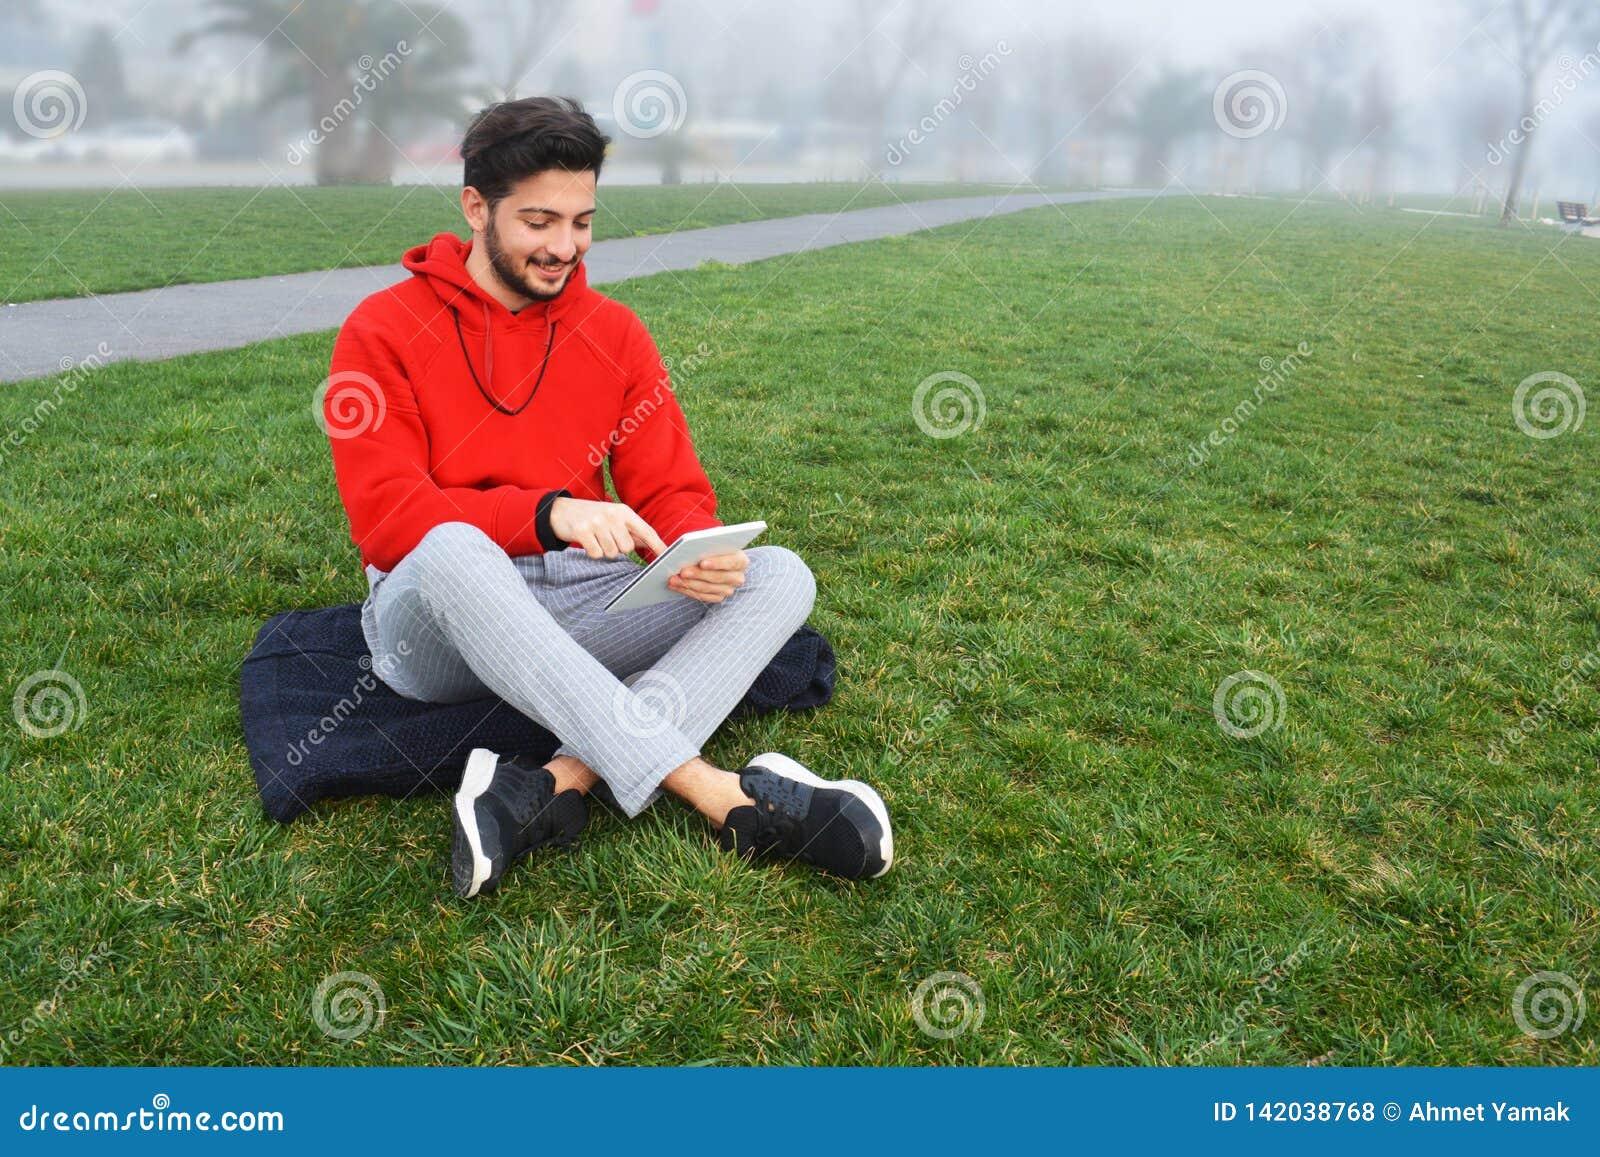 Οι νεαροί άνδρες που χρησιμοποιούν την ψηφιακή ταμπλέτα σταθμεύουν δημόσια